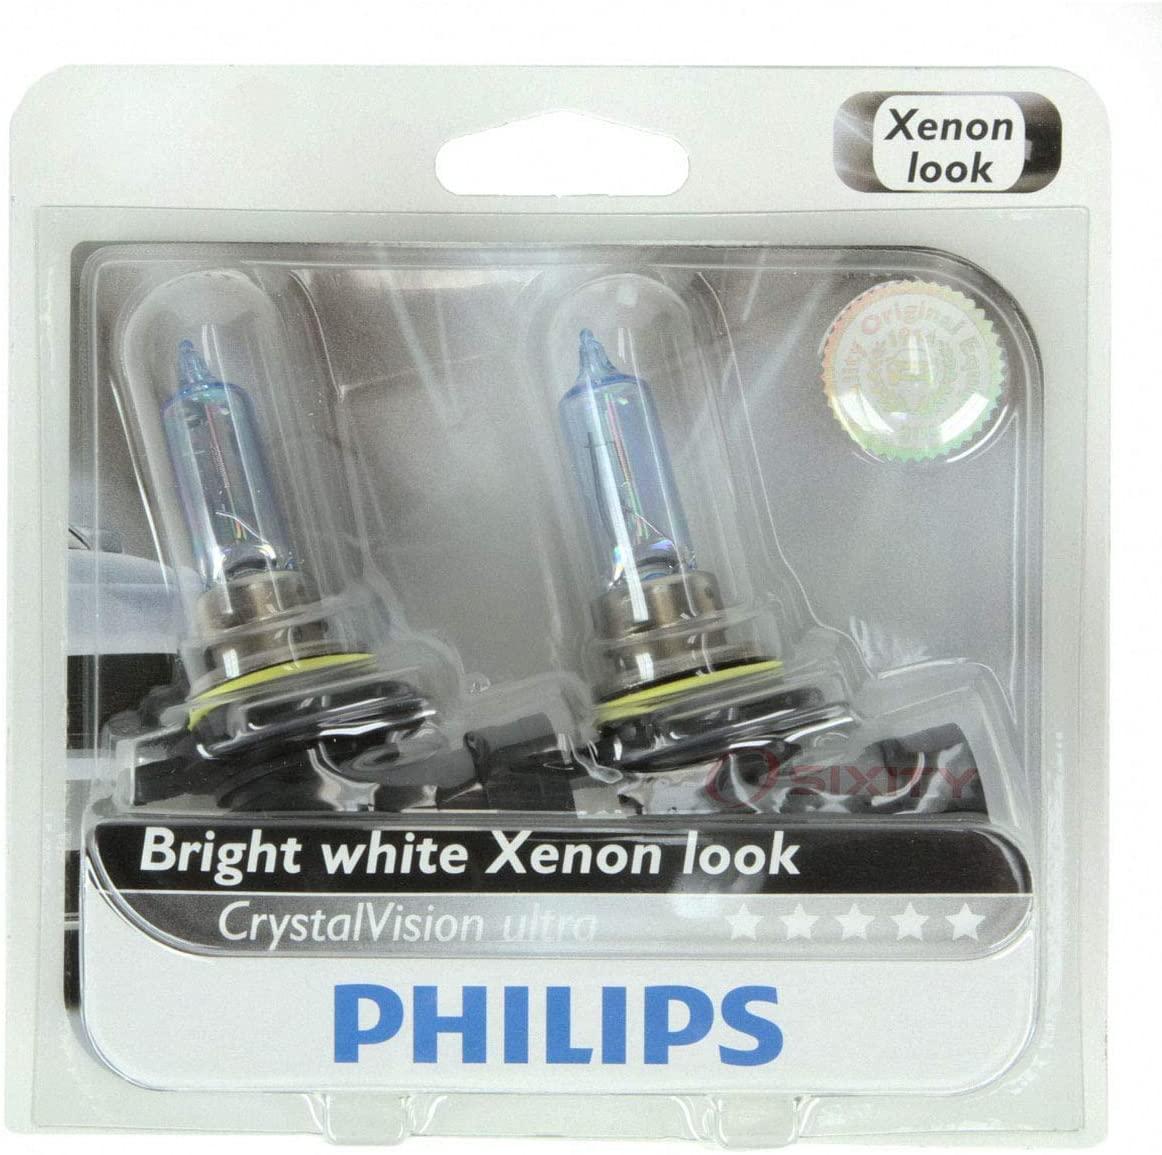 Philips High Low Beam Headlight Light Bulb for Chrysler 200 300 2011-2015 - CrystalVision Ultra Halogen